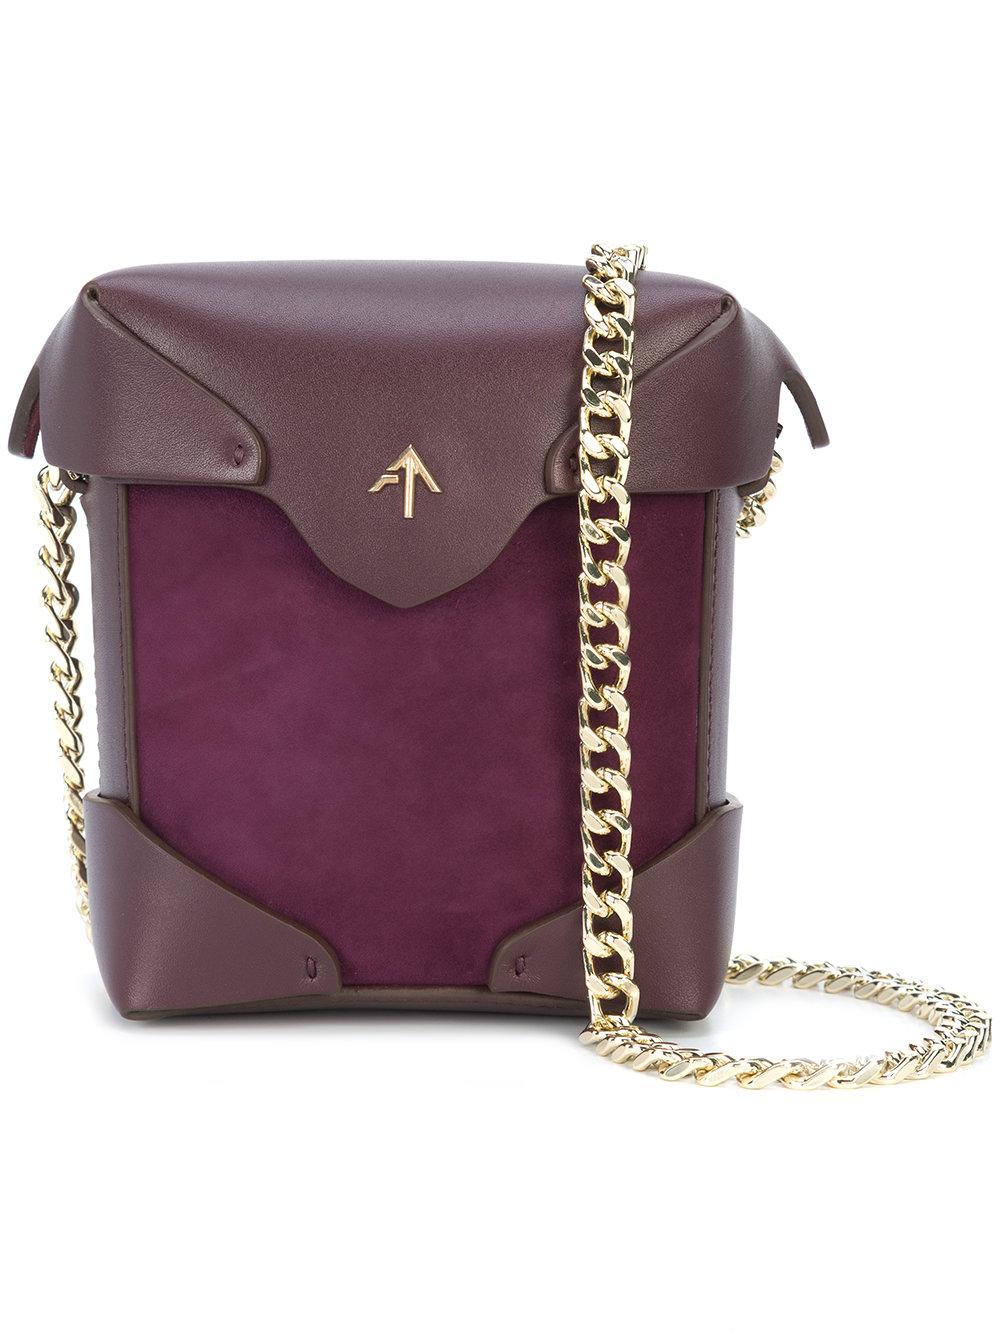 MANU ATELIER bag - $415